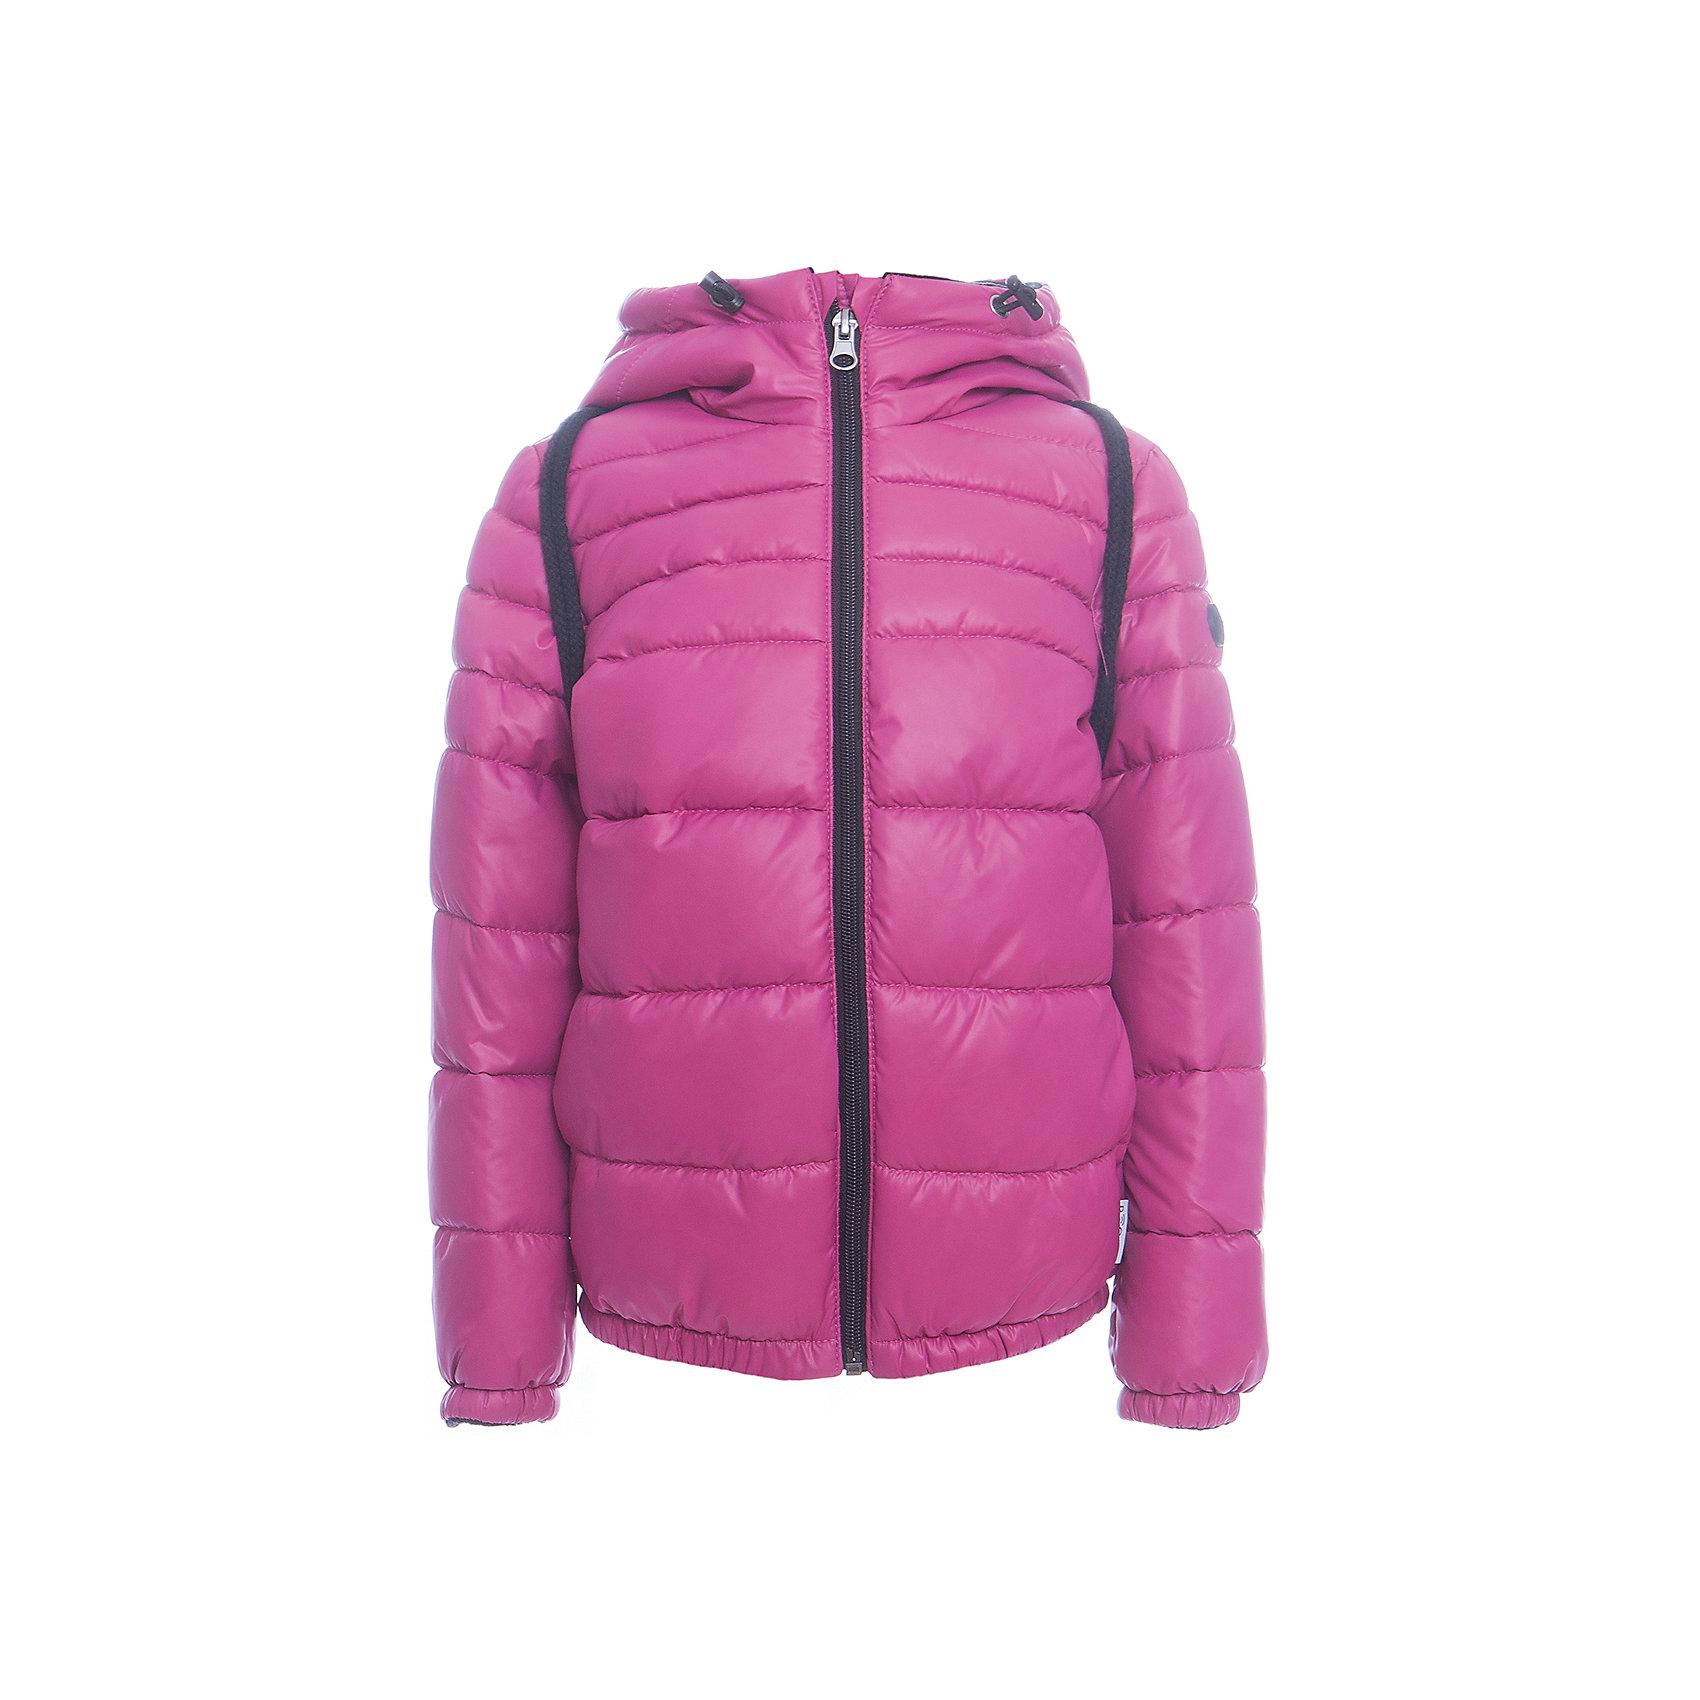 Куртка BOOM by OrbyВерхняя одежда<br>Характеристики товара:<br><br>• цвет: фиолетовый<br>• ткань верха: Болонь pu milky<br>• подкладка: Флис, ПЭ пуходержащий<br>• утеплитель: Flexy Fiber 200 г/м2<br>• сезон: демисезон<br>• температурный режим: от -10° до +10°С<br>• особенности: на молнии, со съемным рюкзаком<br>• тип куртки: стеганая, дутая<br>• капюшон: без меха, несъемный<br>• страна бренда: Россия<br>• страна изготовитель: Россия<br><br>Эта оригинальная куртка дополнена удобным рюкзаком. Яркая куртка создана с учетом особенностей строения детского тела. Эта демисезонная куртка учитывает особенности российской погоды в демисезон, поэтому рассчитана как на дождливые дни, так и заморозки. <br><br>Куртку BOOM by Orby можно купить в нашем интернет-магазине.<br><br>Ширина мм: 356<br>Глубина мм: 10<br>Высота мм: 245<br>Вес г: 519<br>Цвет: лиловый<br>Возраст от месяцев: 12<br>Возраст до месяцев: 18<br>Пол: Унисекс<br>Возраст: Детский<br>Размер: 86,74,98,92,116,110,104,80<br>SKU: 7007673